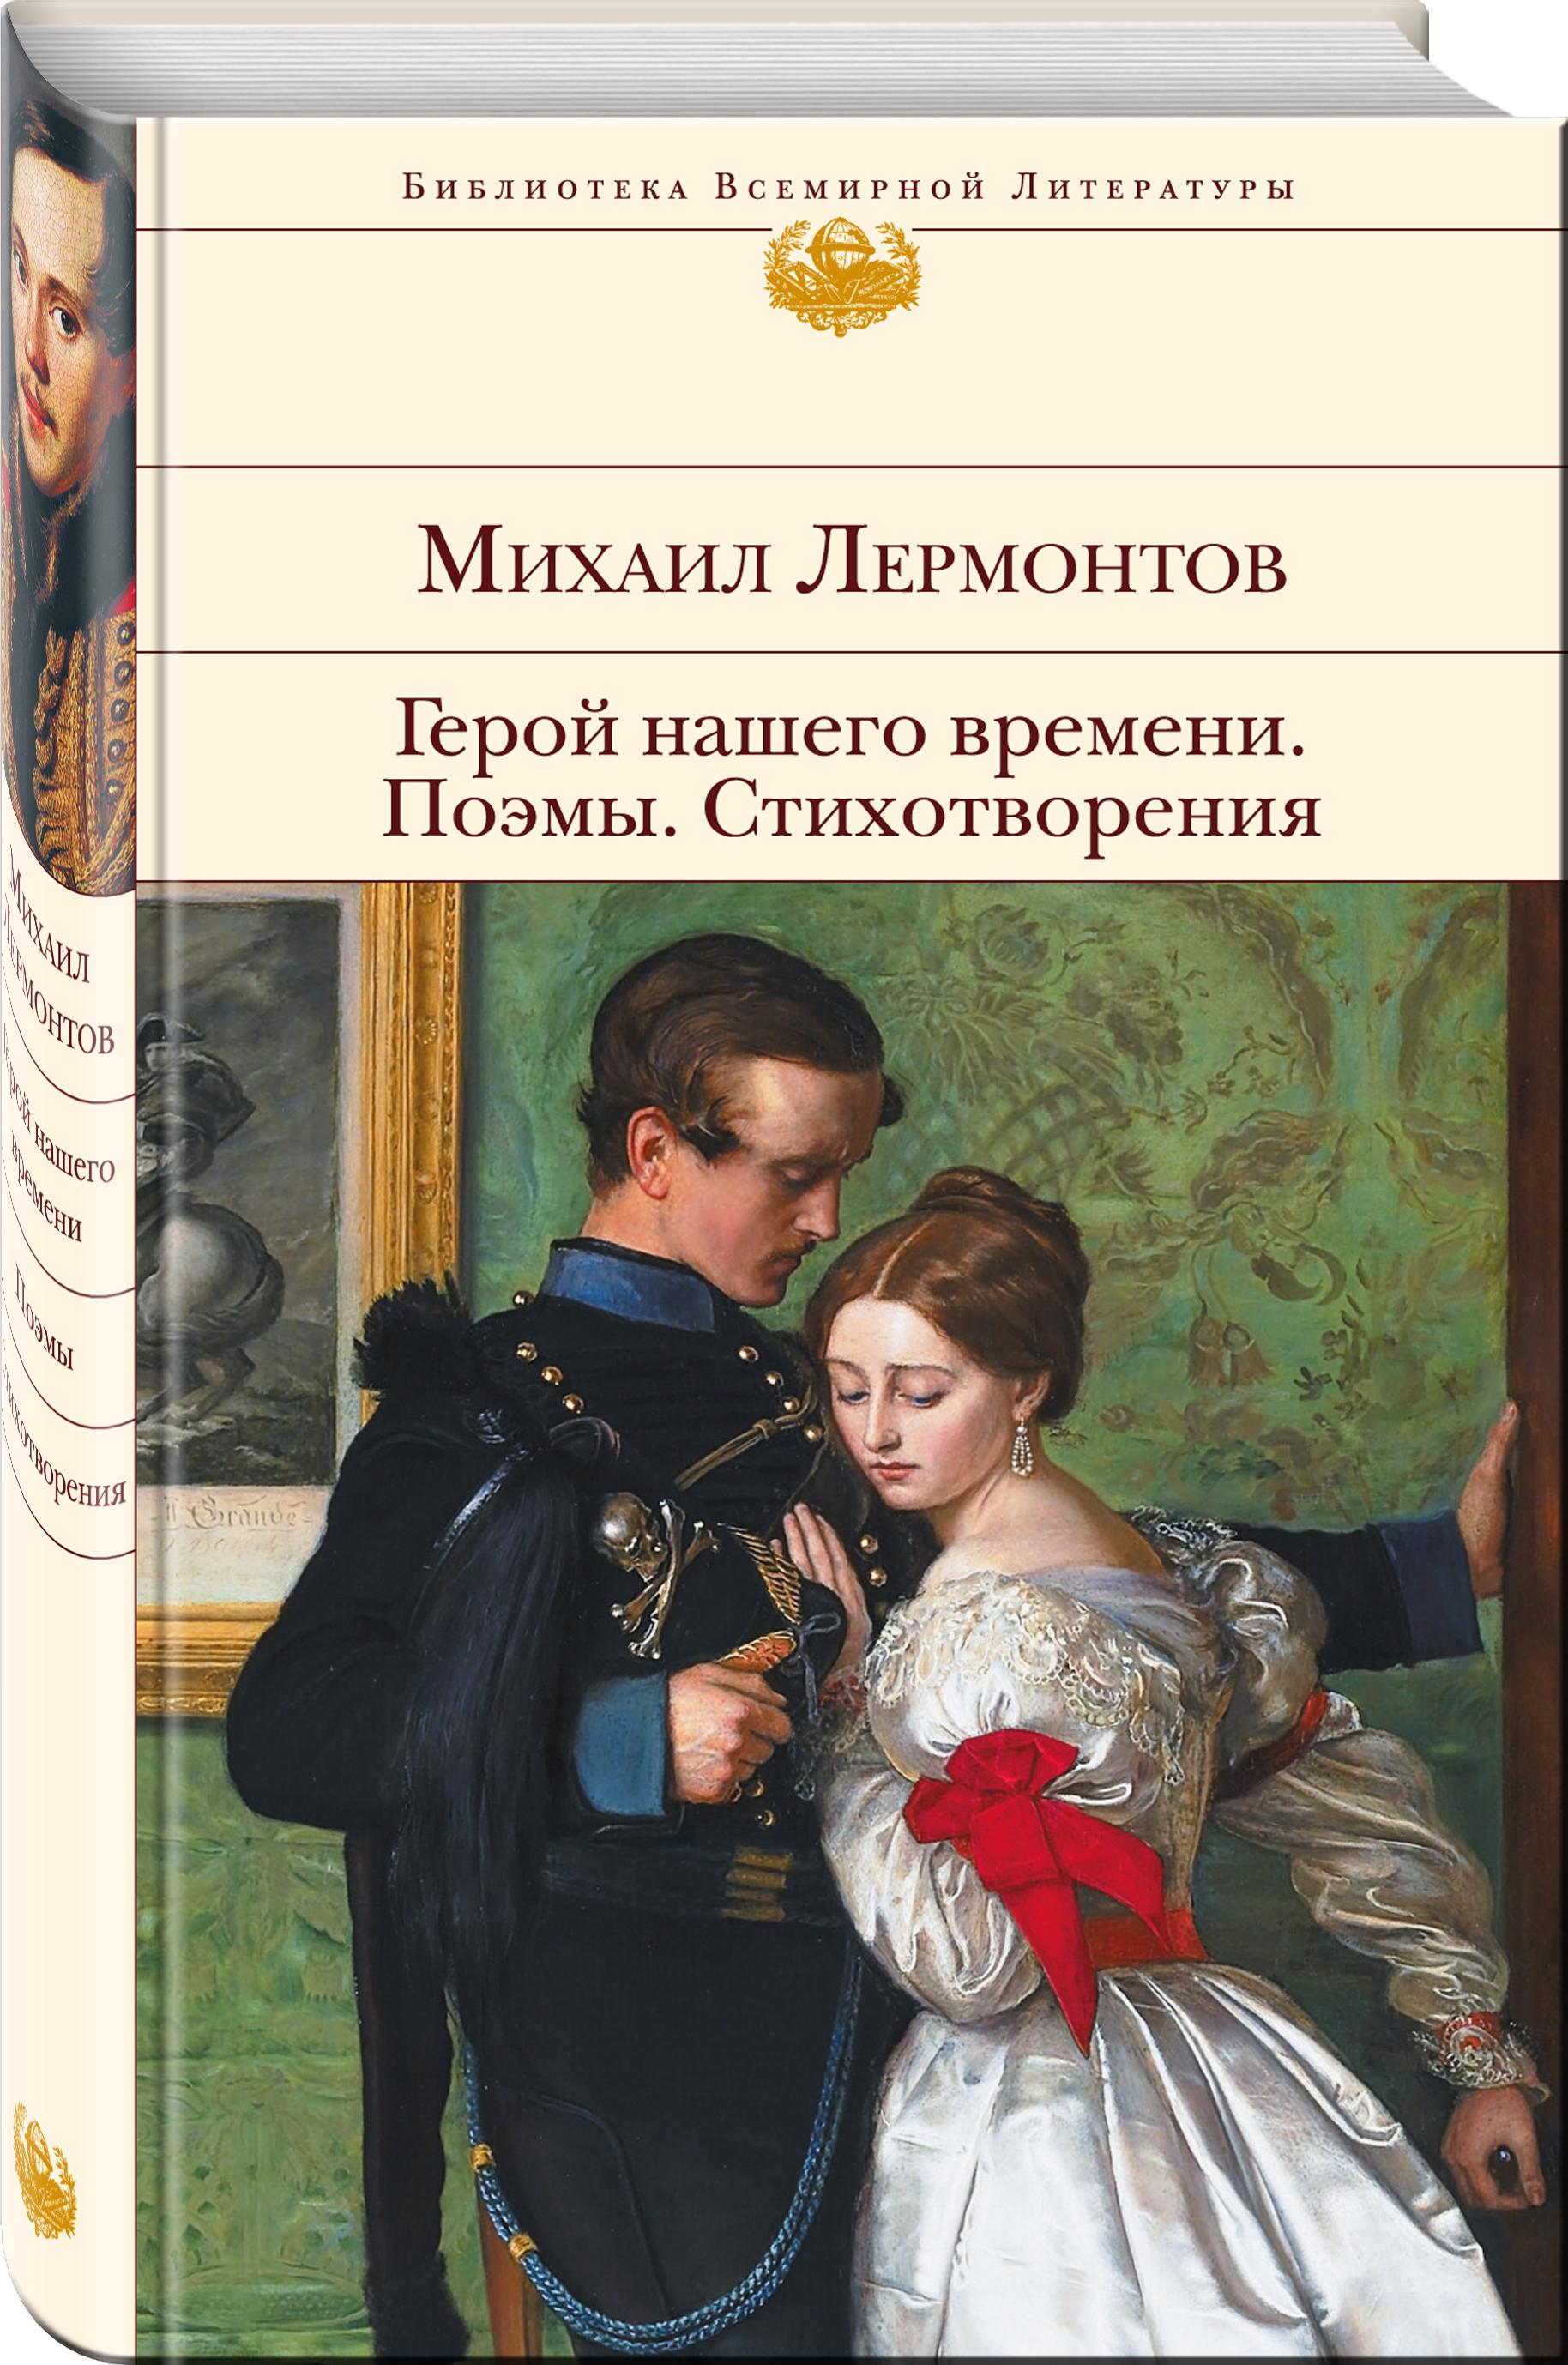 Михаил Лермонтов Герой нашего времени. Поэмы. Стихотворения